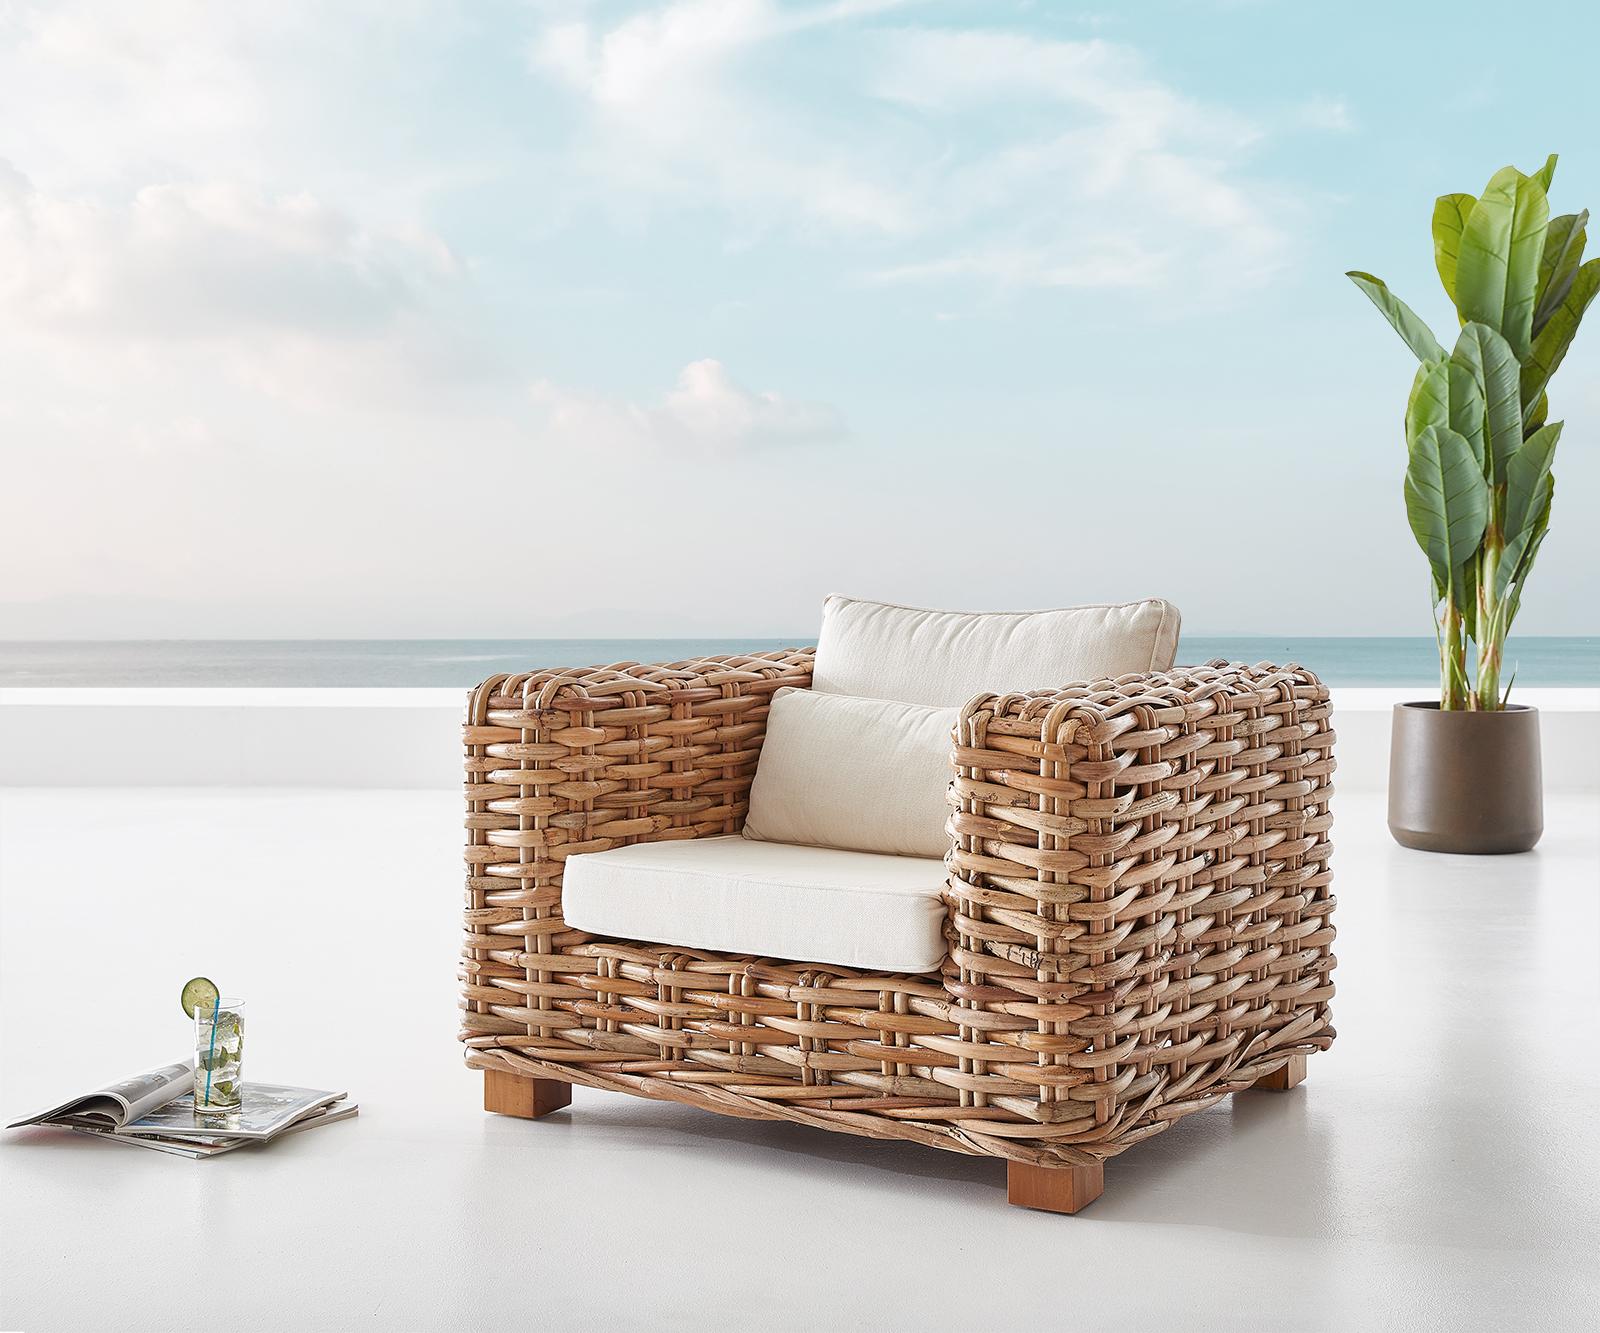 Loungesessel Nizza aus Rattan natur mit Kissen weiß